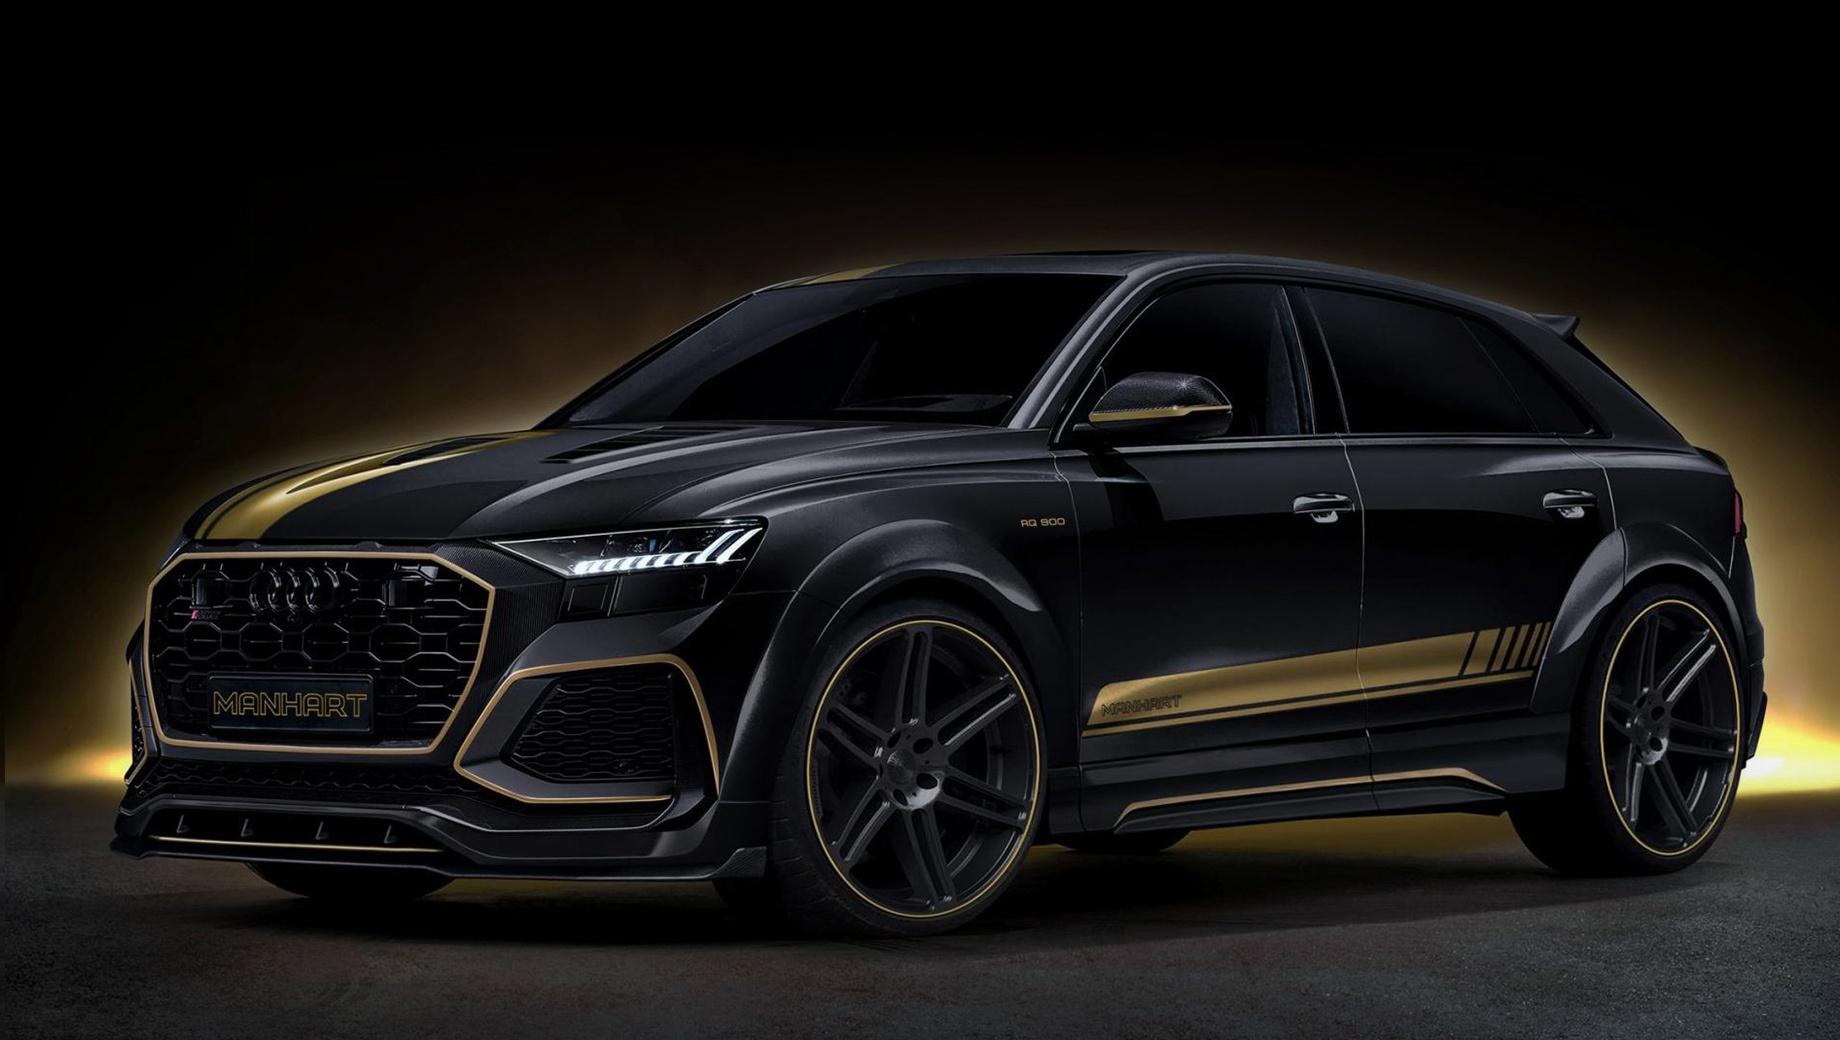 Audi rs q8. Новый аэродинамический обвес предполагает множество элементов из углепластика. Также замене подвергся капот. Образ завершают кованые алюминиевые колёса Concave One диаметром 23 дюйма и комплект занижения подвески на 30 мм.